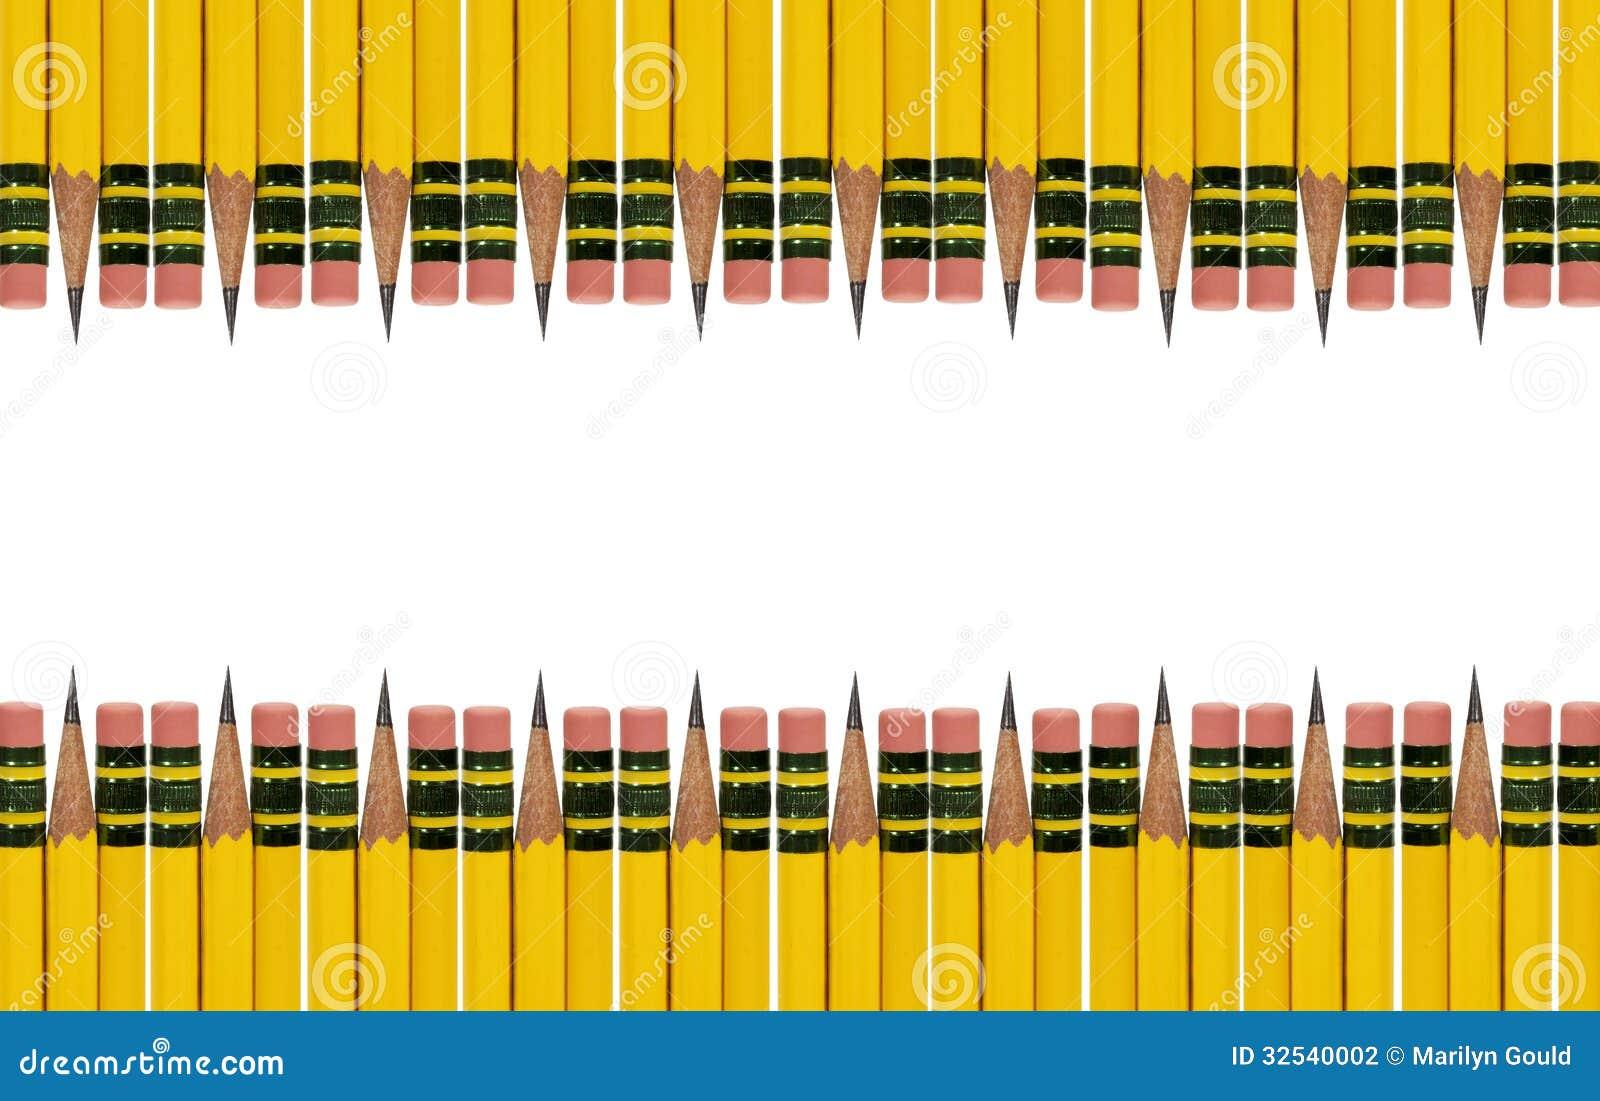 Pencil Eraser Border Yellow Pencil Border